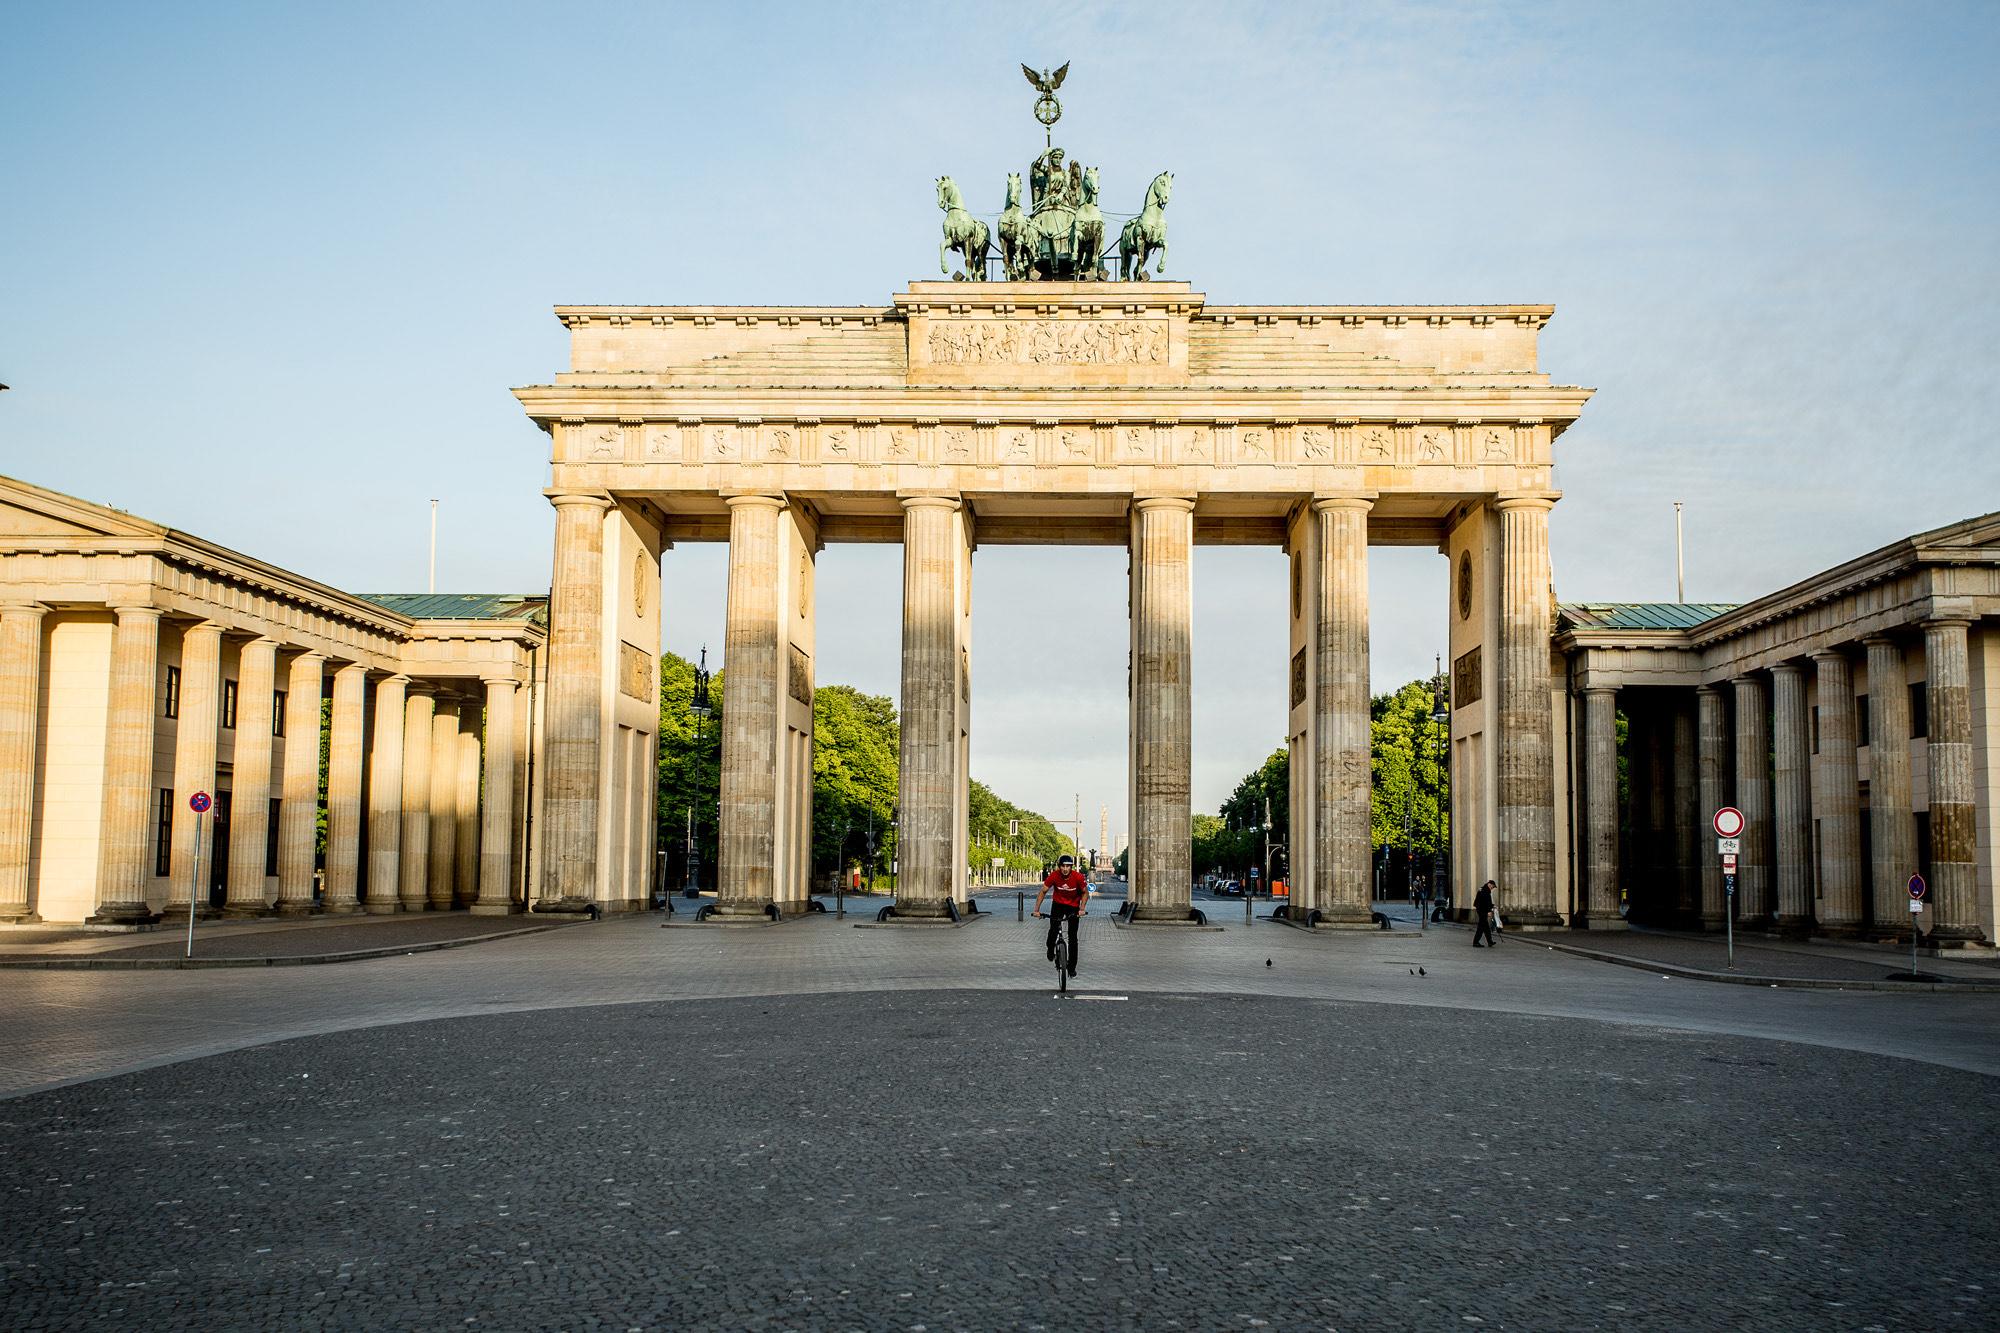 Dominik auf seinem Trialbike vor dem Brandenburger Tor